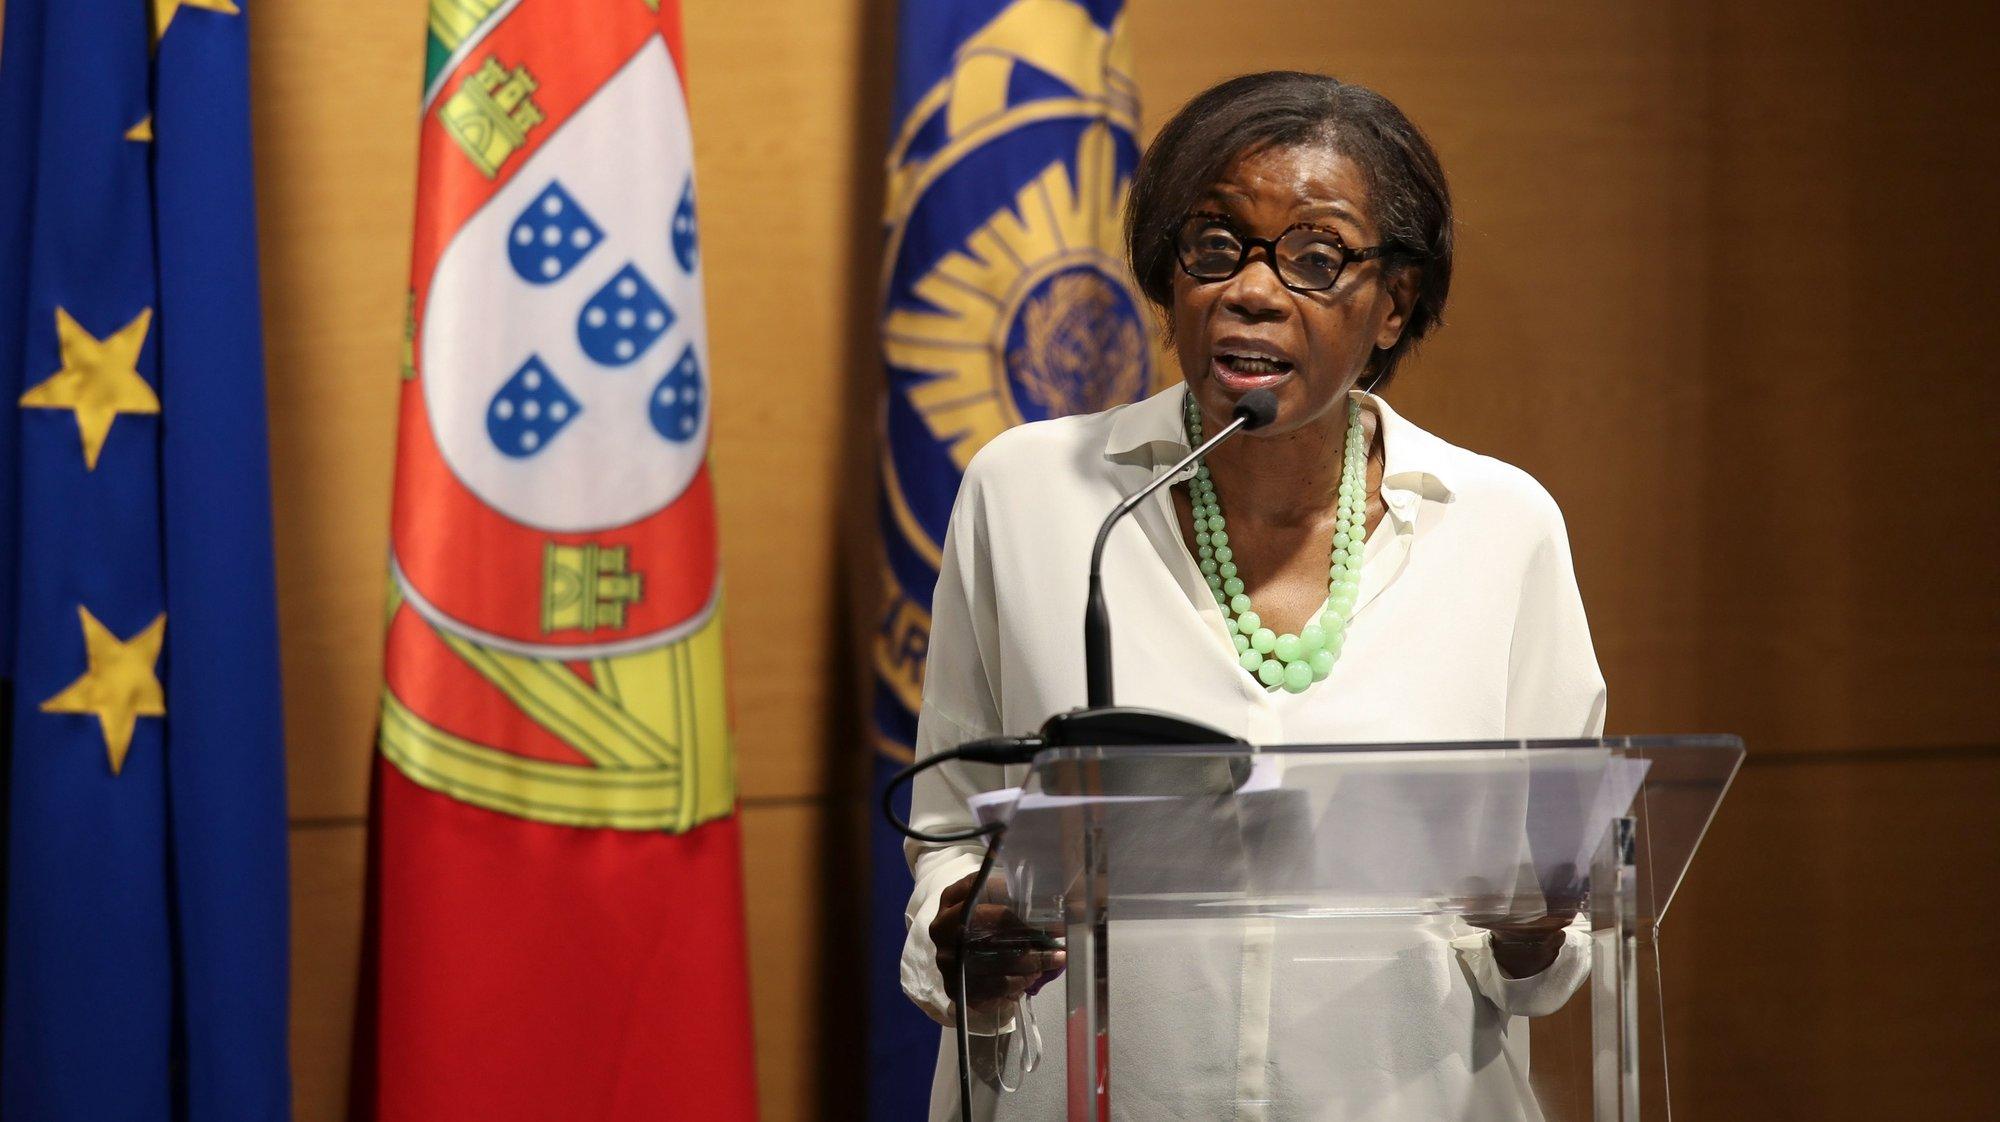 A ministra da Justiça, Francisca Van Dunem, intervém durante a apresentação do Instrumento de Documentação e Avaliação da Ameaça na América Latina (IDEAL), na sede da Polícia Judiciária Portuguesa, em Lisboa, 13 de julho de 2021. MANUEL DE ALMEIDA/LUSA